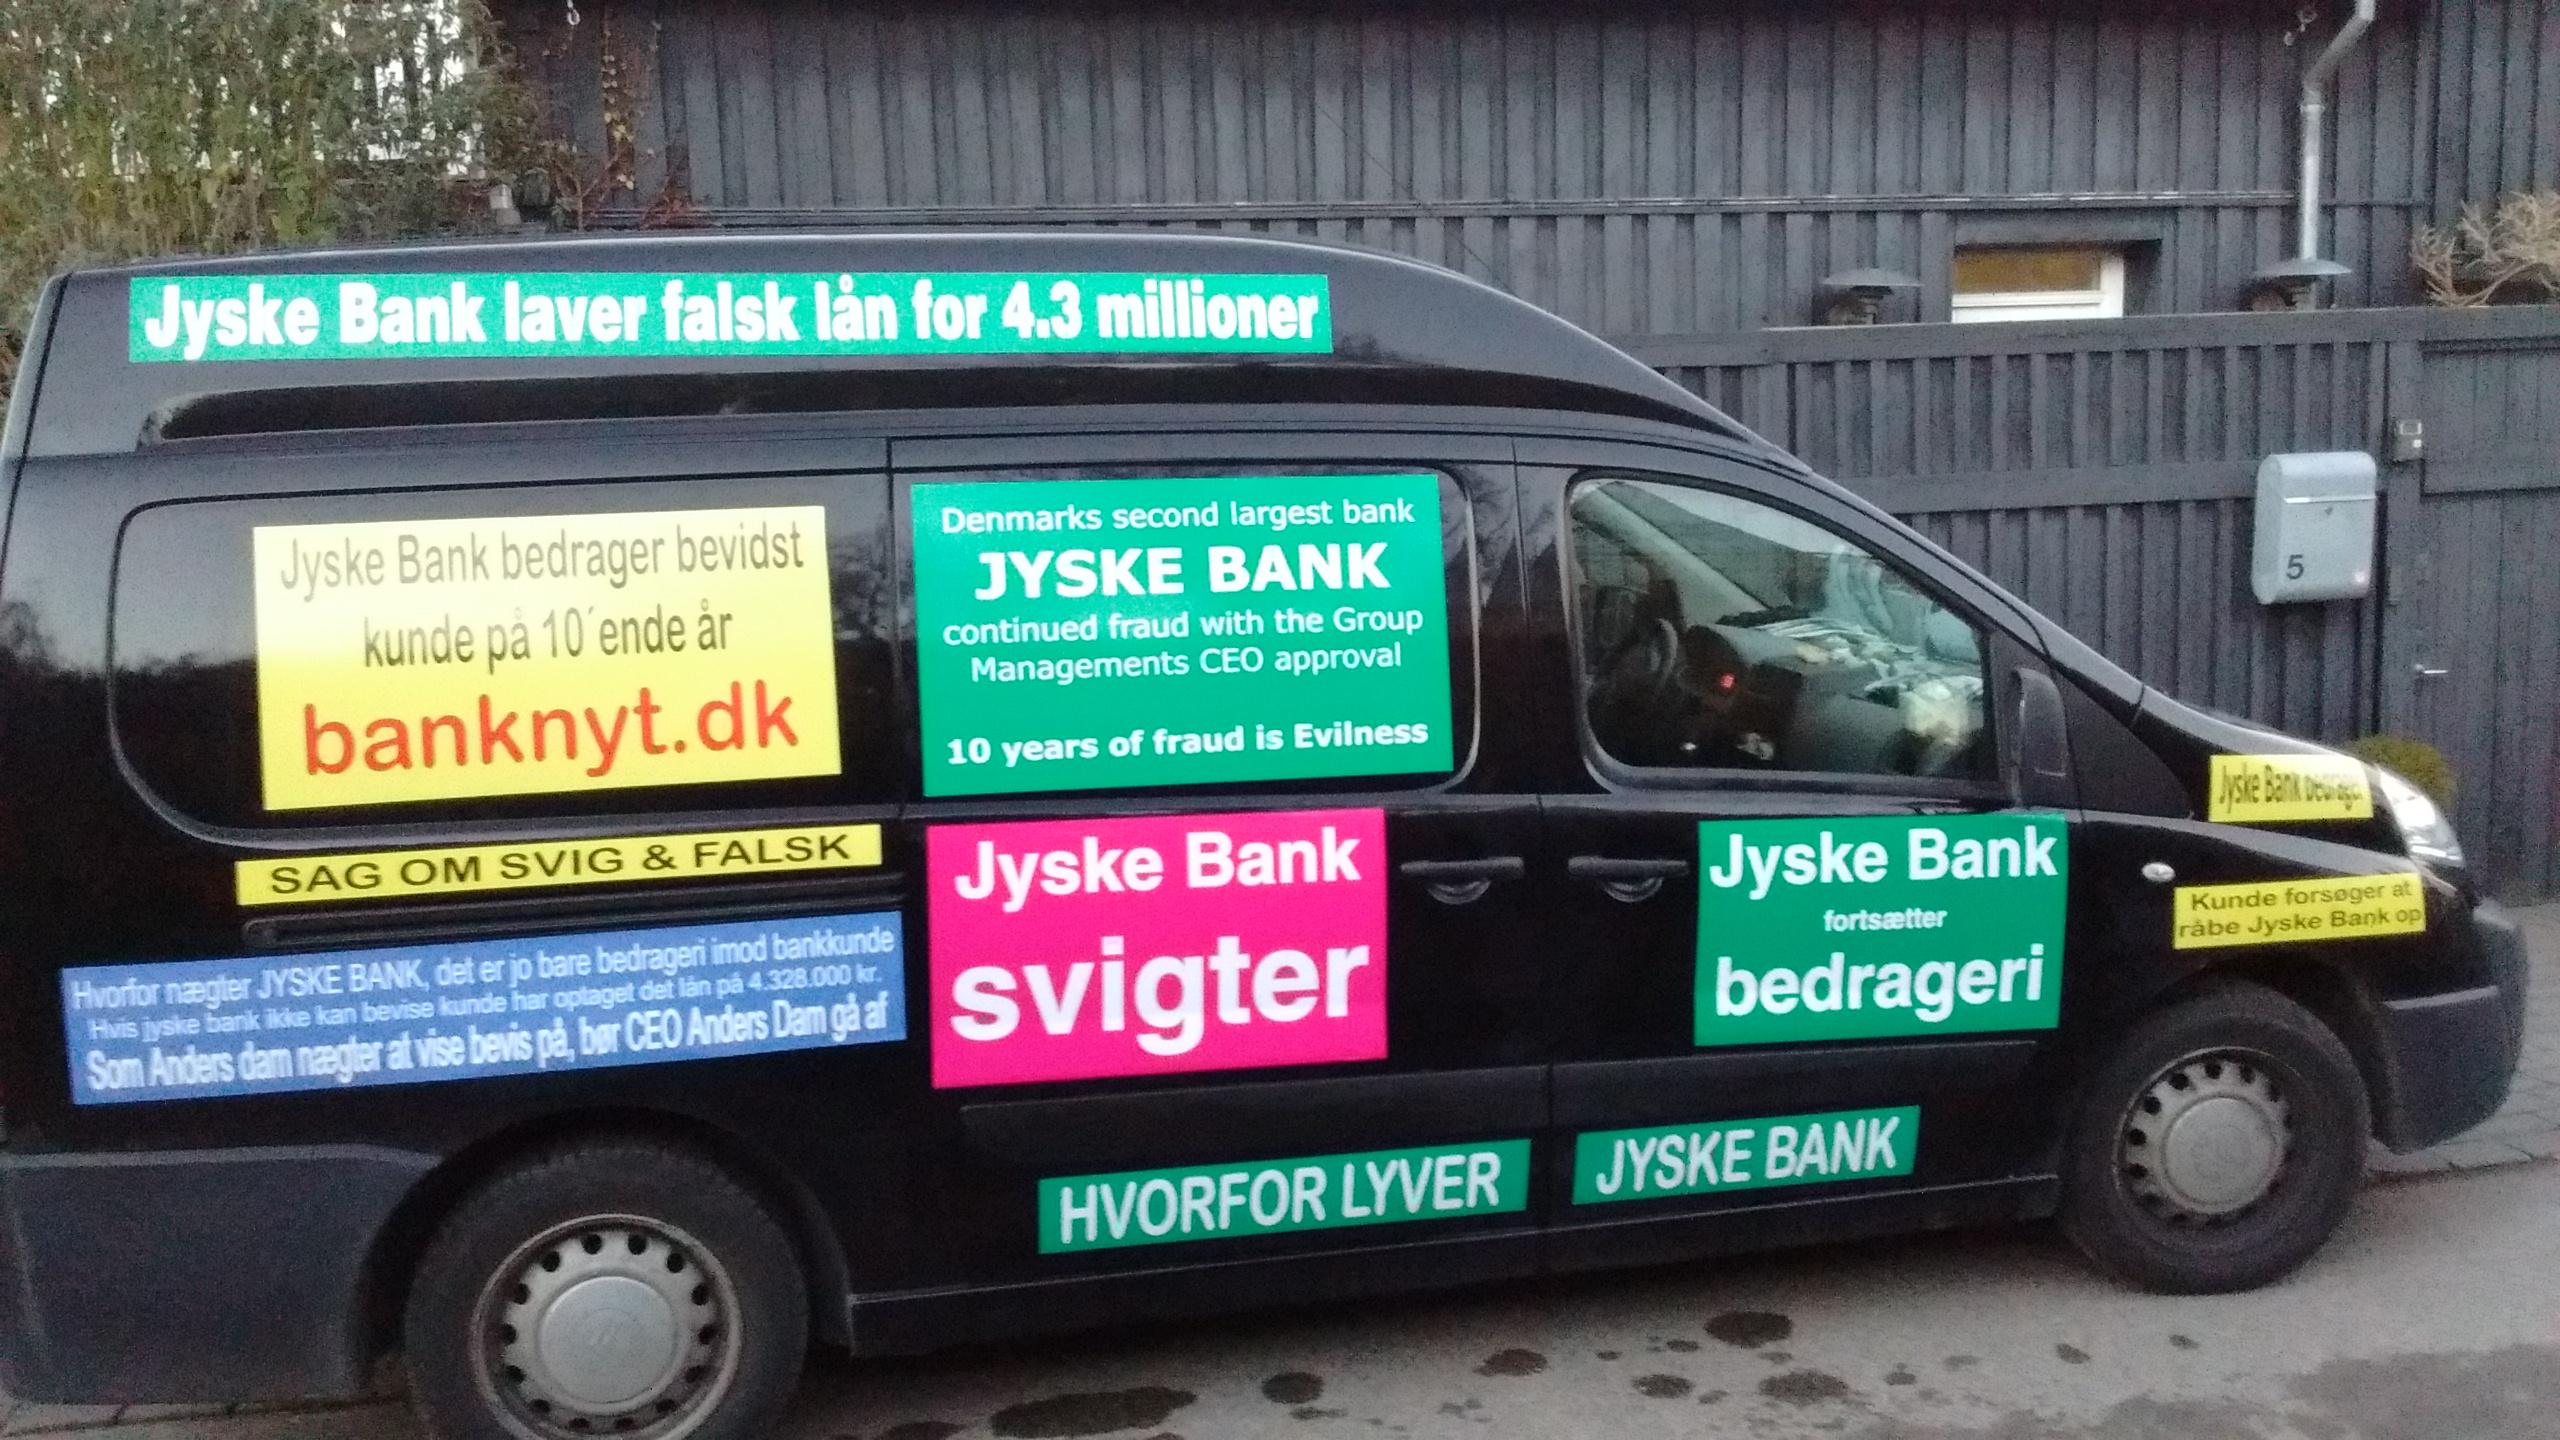 billån danske bank rente